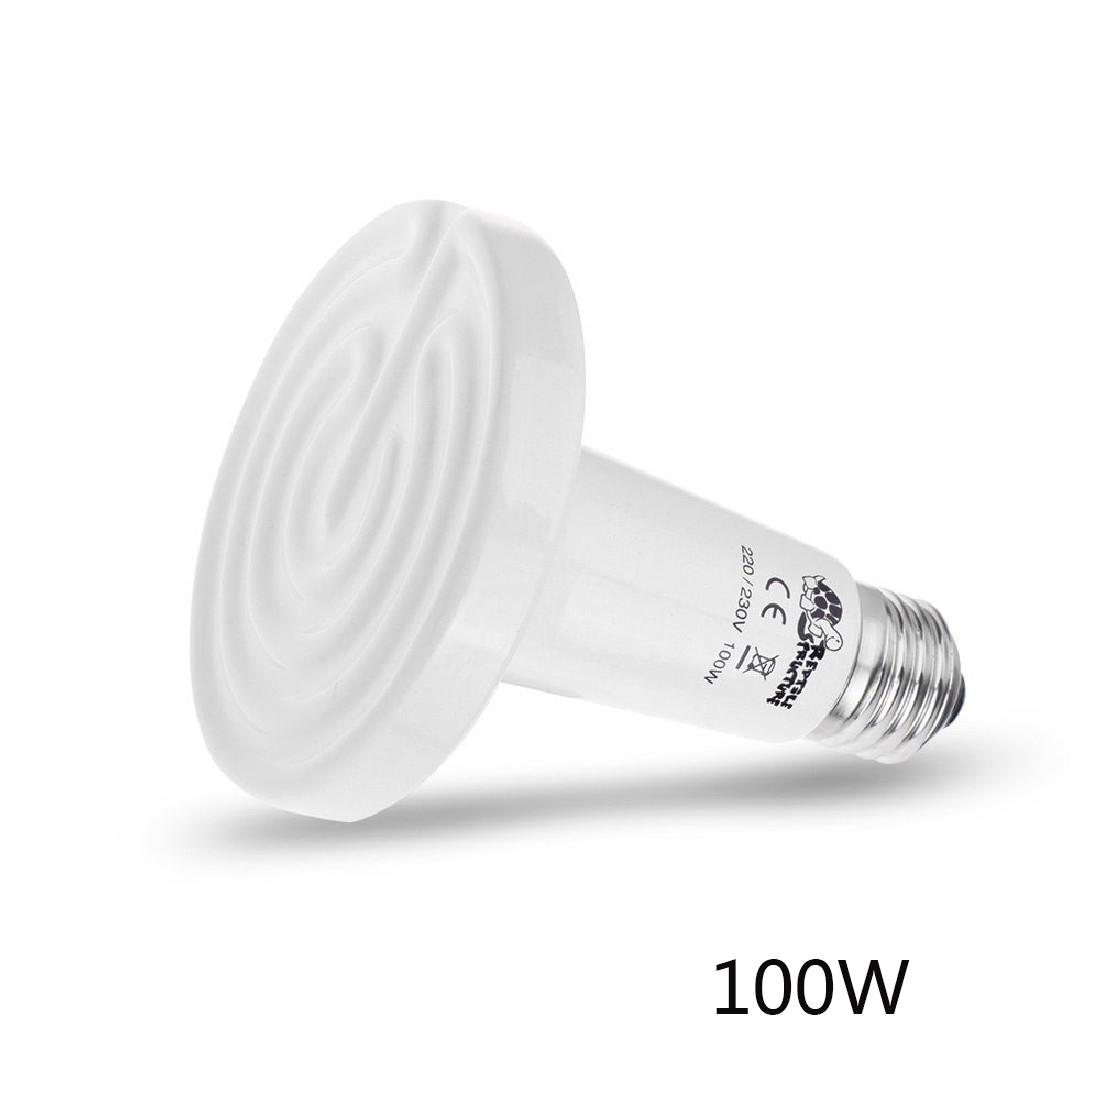 New 100W Ceramic Emitter Heat Lamp Reptile Heater White(China (Mainland))